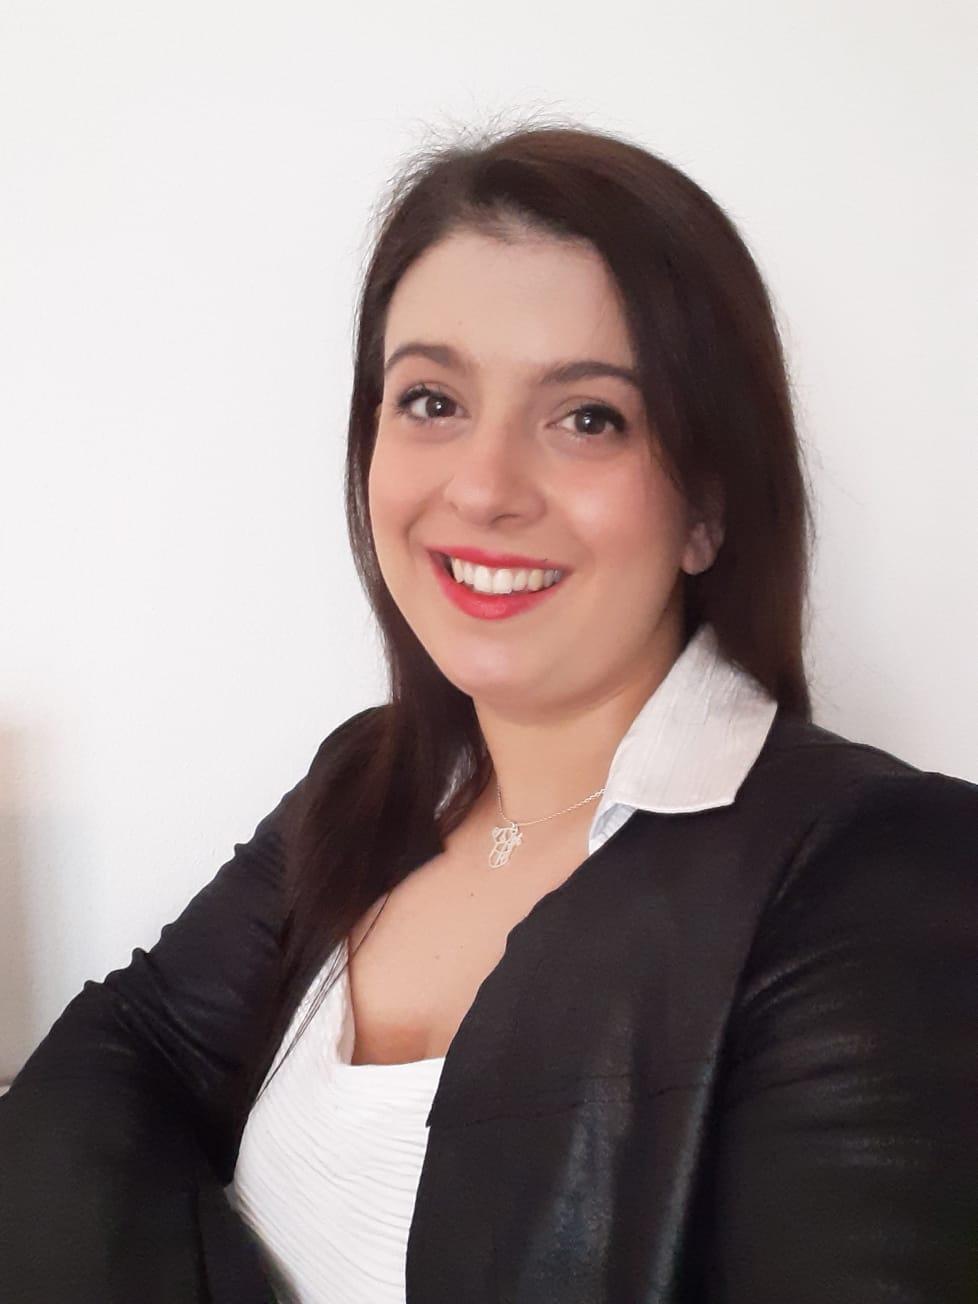 Elena Mantovan - Psicologa Psicoterapeuta Venezia Mestre